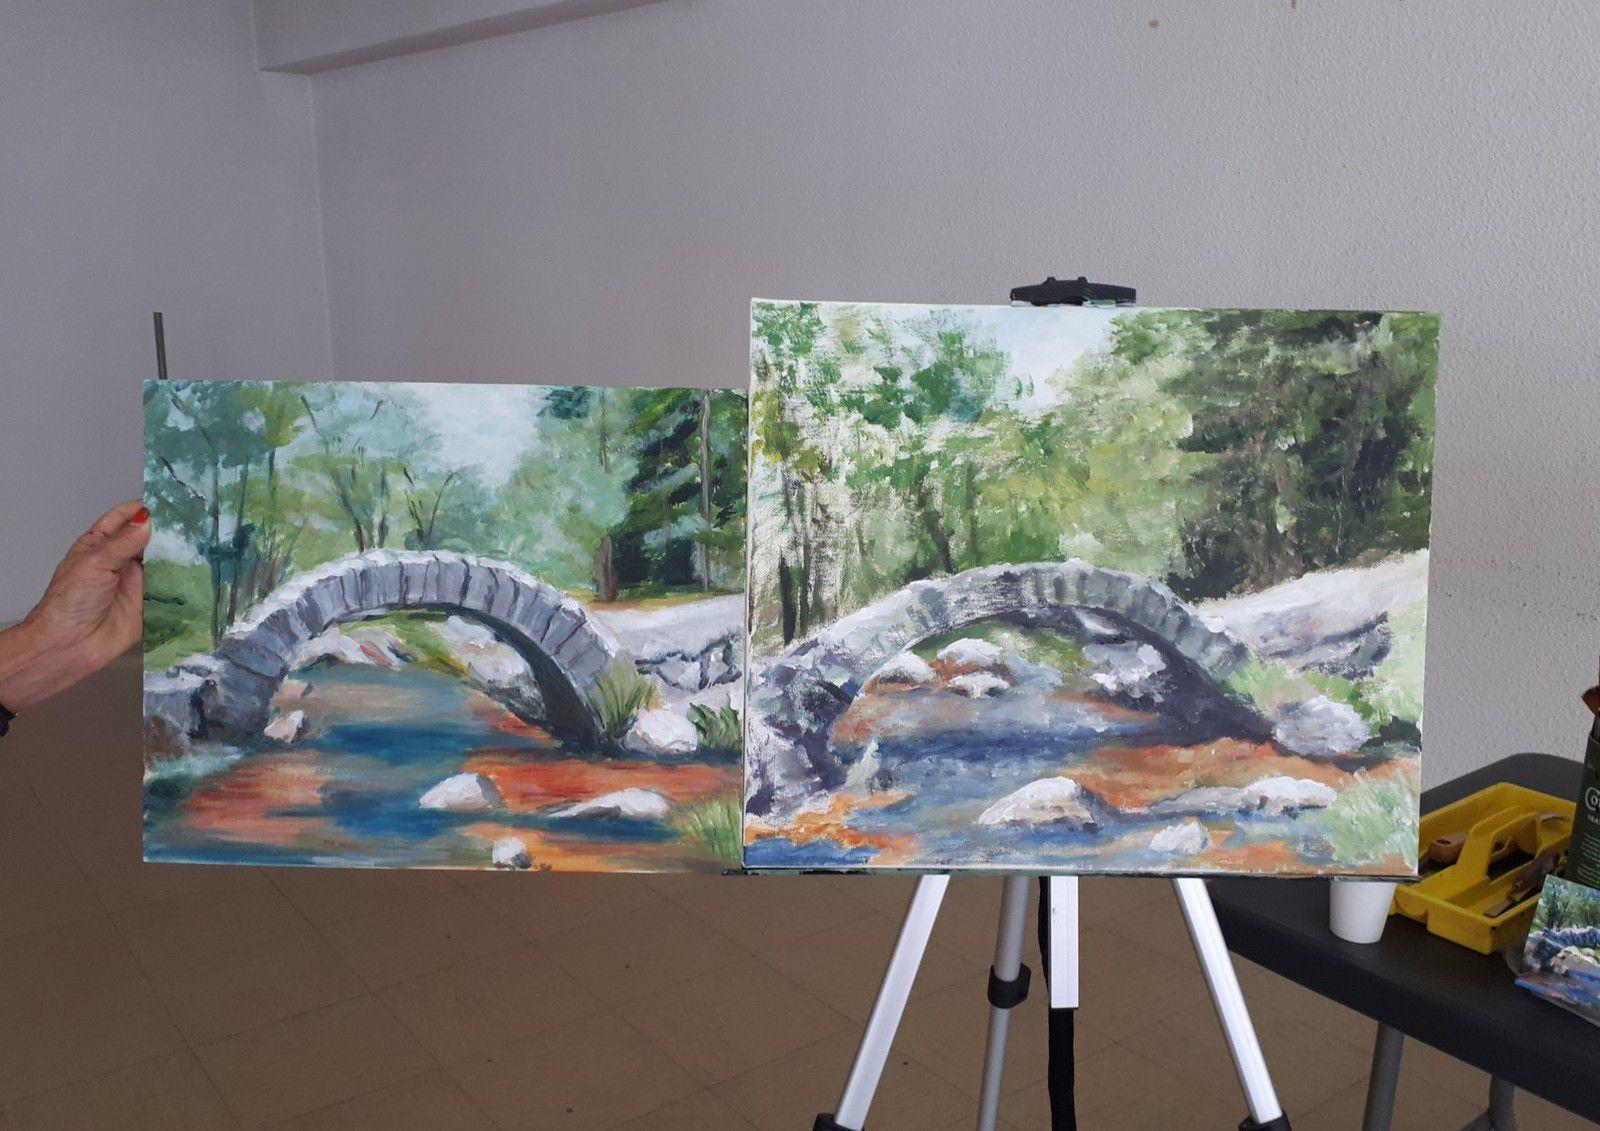 Reprise des cours de peinture acrylique les jeudis à la Salle des Champs Frétauts